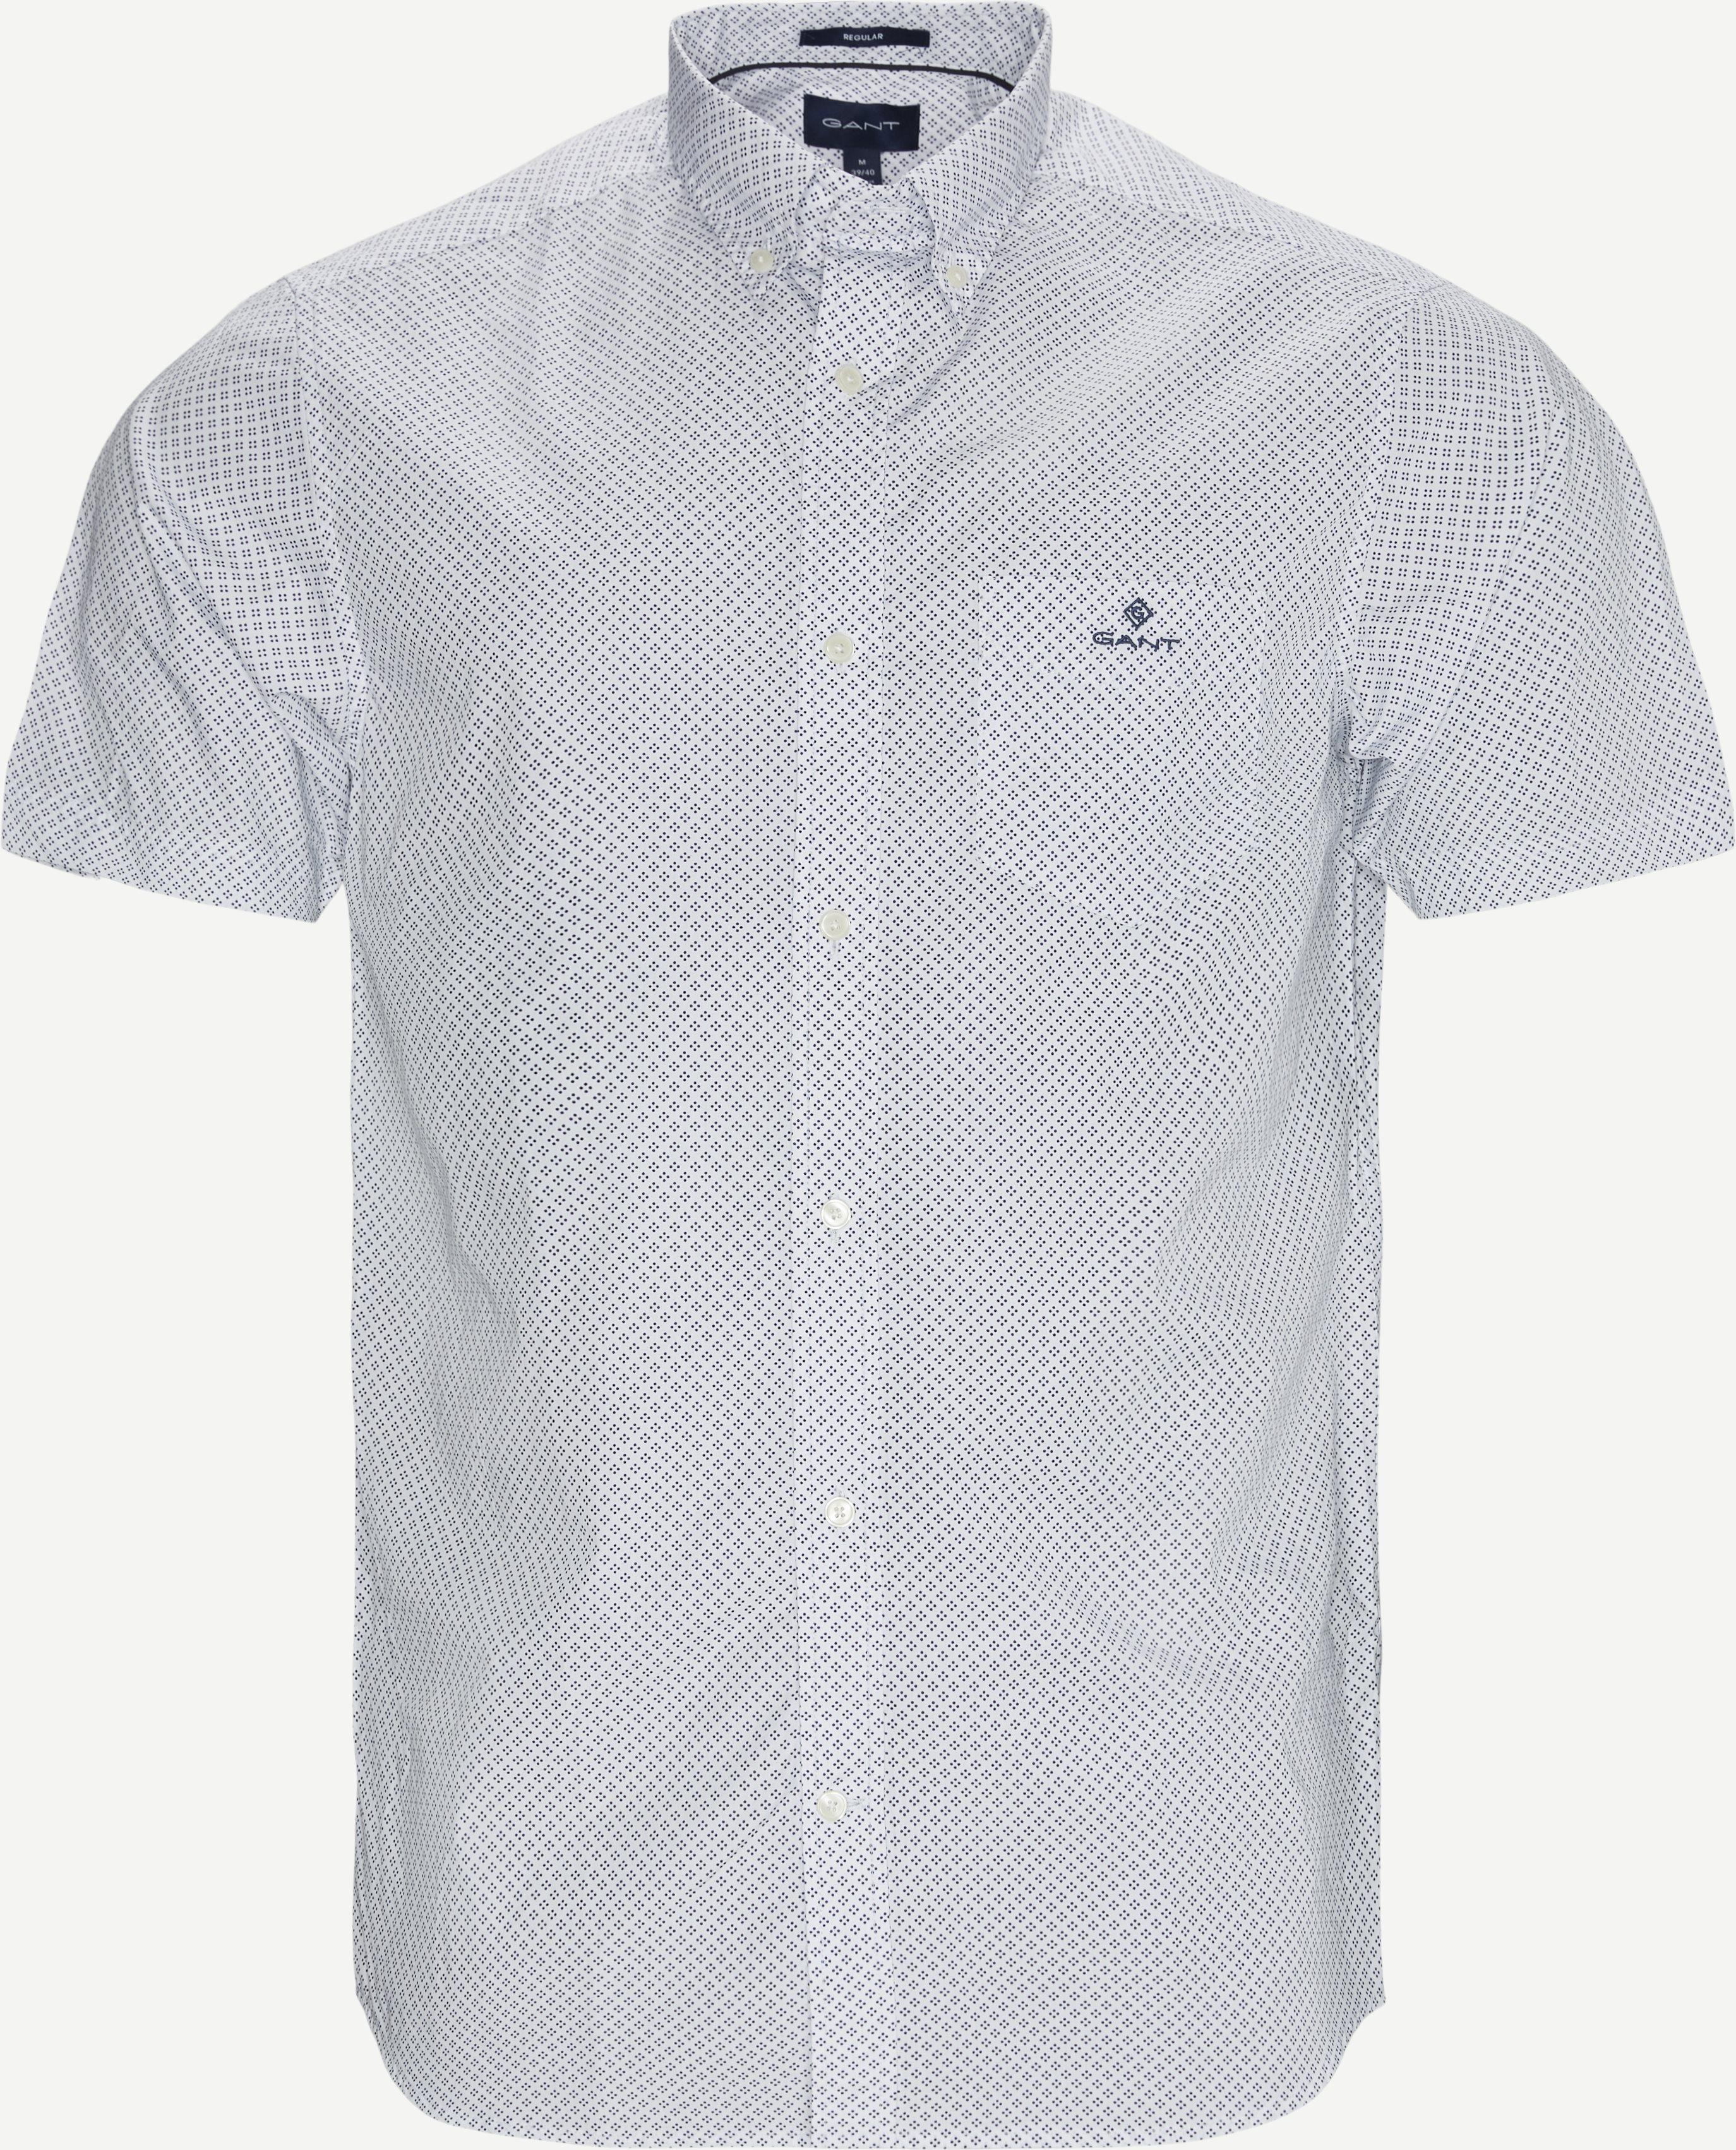 Reg Micro Dot K/Æ Skjorte  - Kortärmade skjortor - Regular - Vit